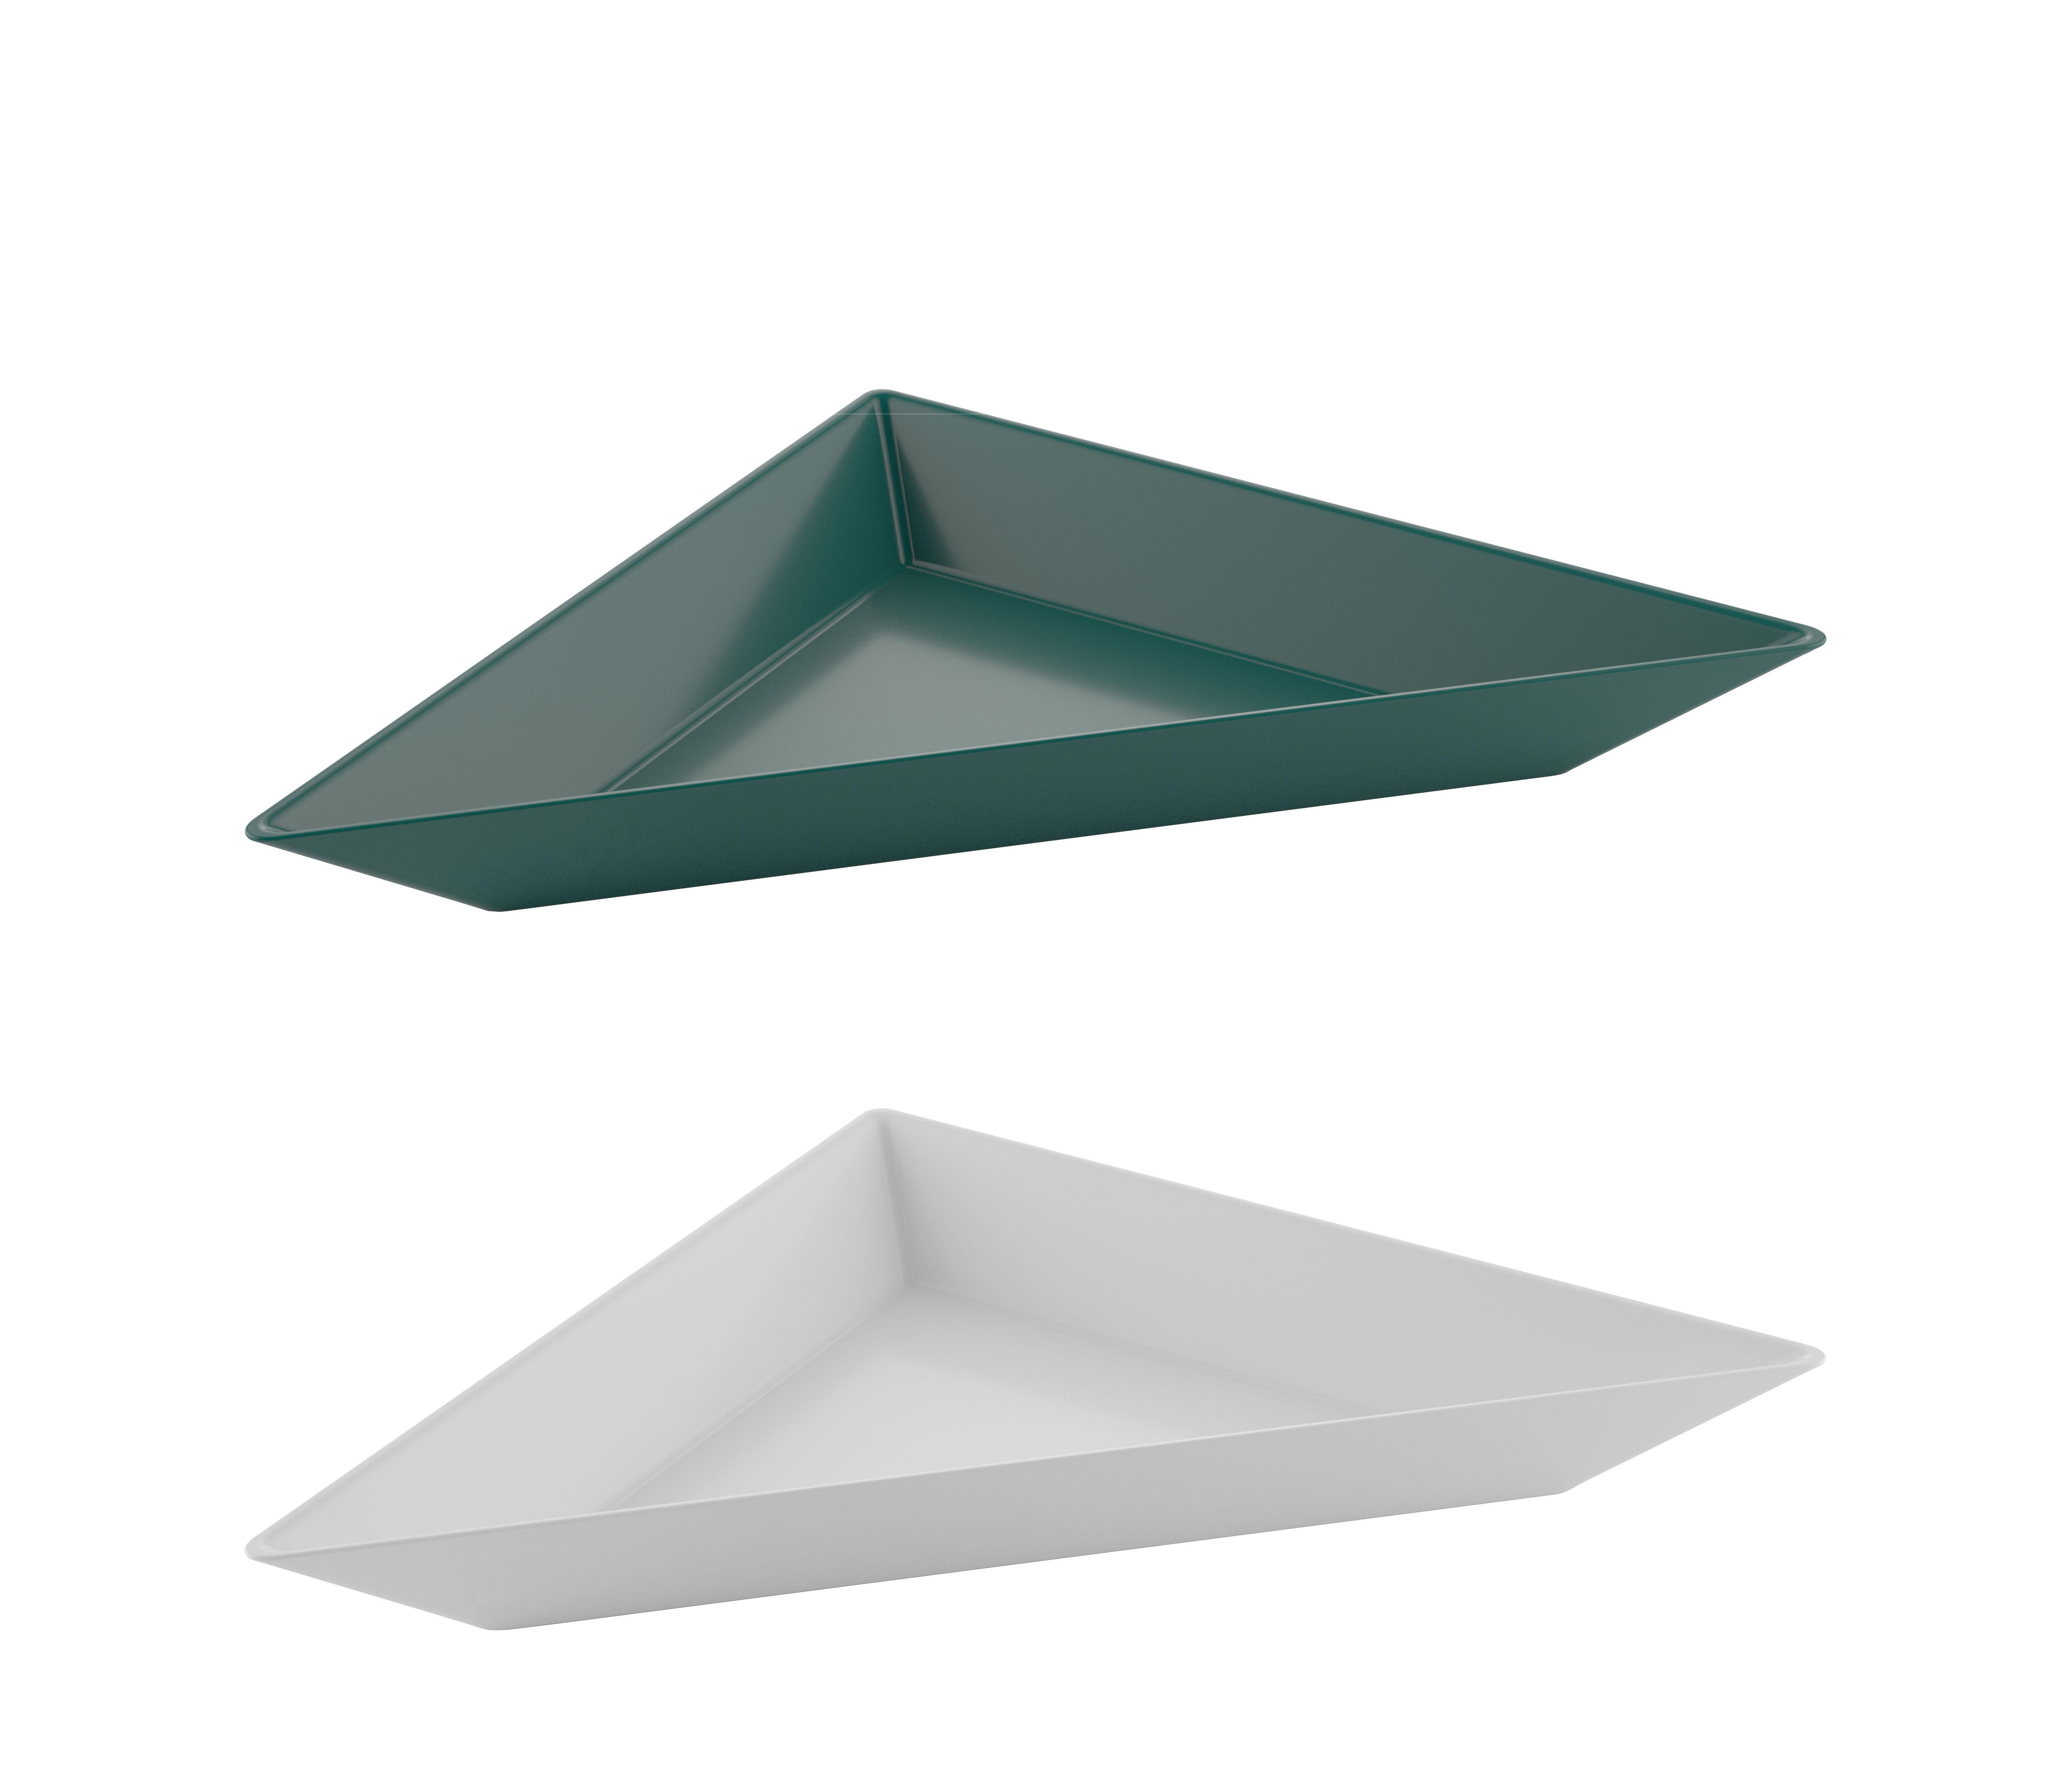 Arts de la table - Saladiers, coupes et bols - Coupelle Tangram / Set de 2 - 20 x 10 cm - Koziol - Vert & coton - Plastique